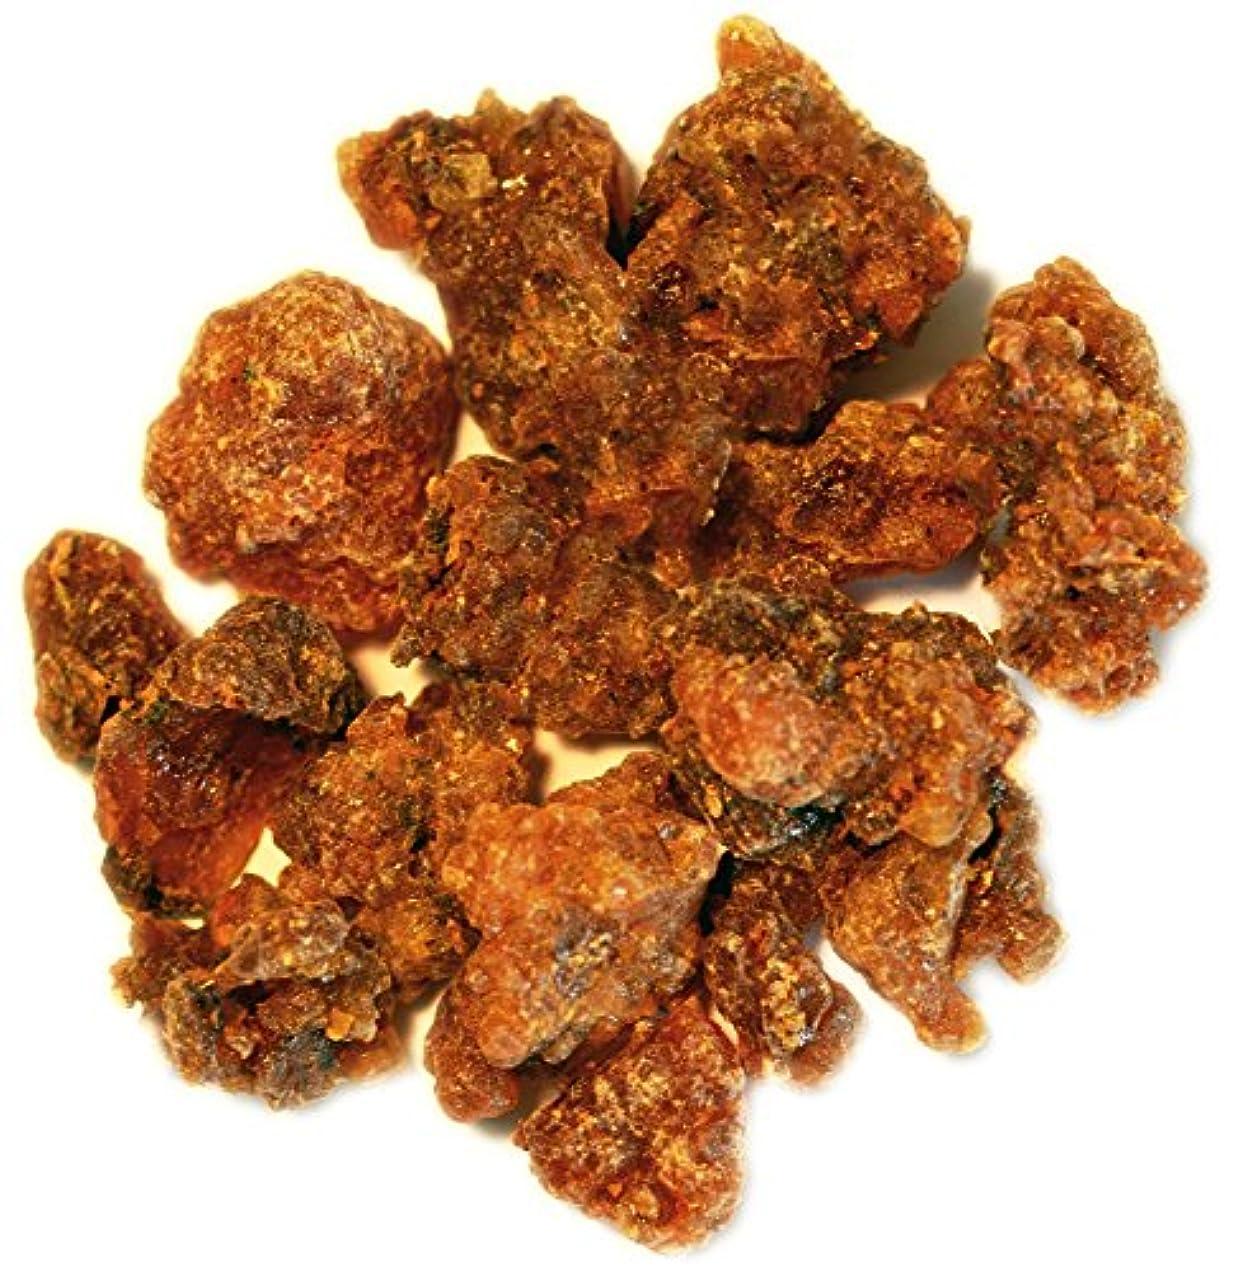 分解するうまくいけば端Myrrh Resin - Organic - 0.2kg - by EarthWise Aromatics